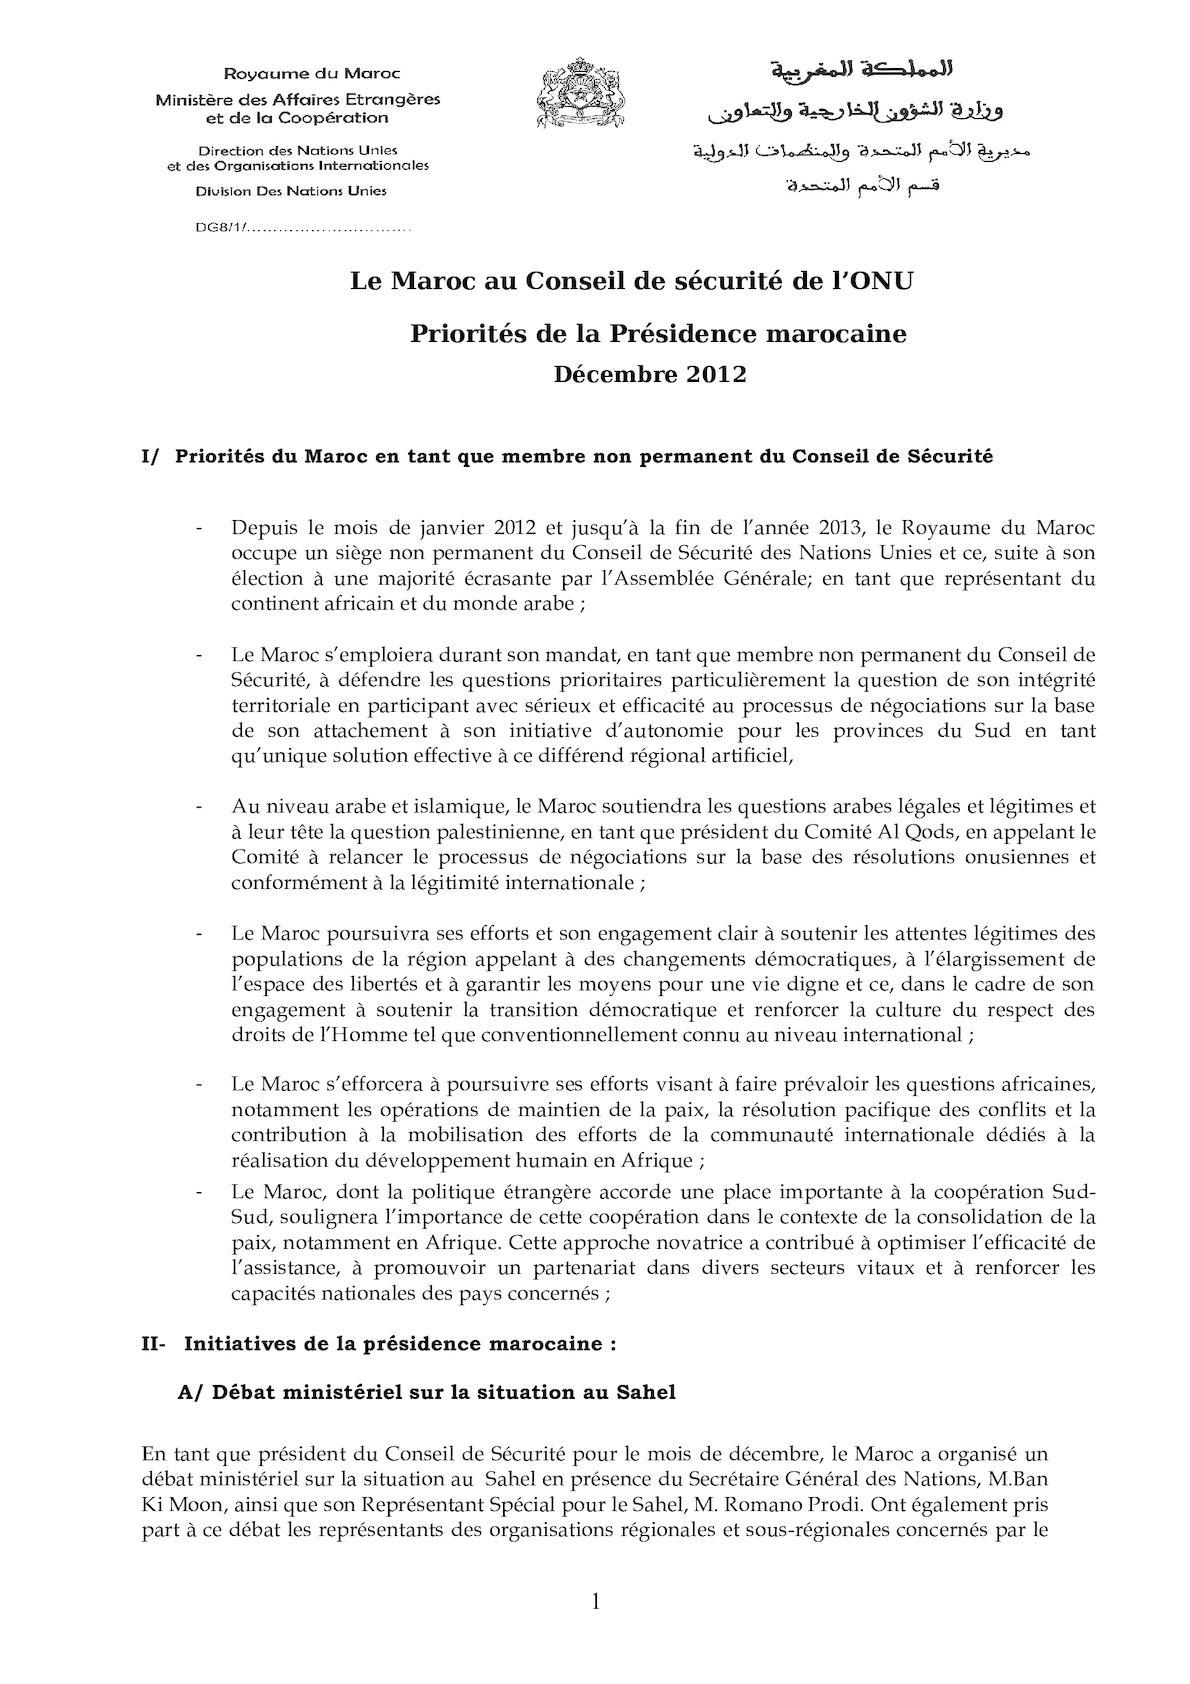 398bb0d5ec35 Priorités De La Présidence Marocaine Ii Calameo Downloader